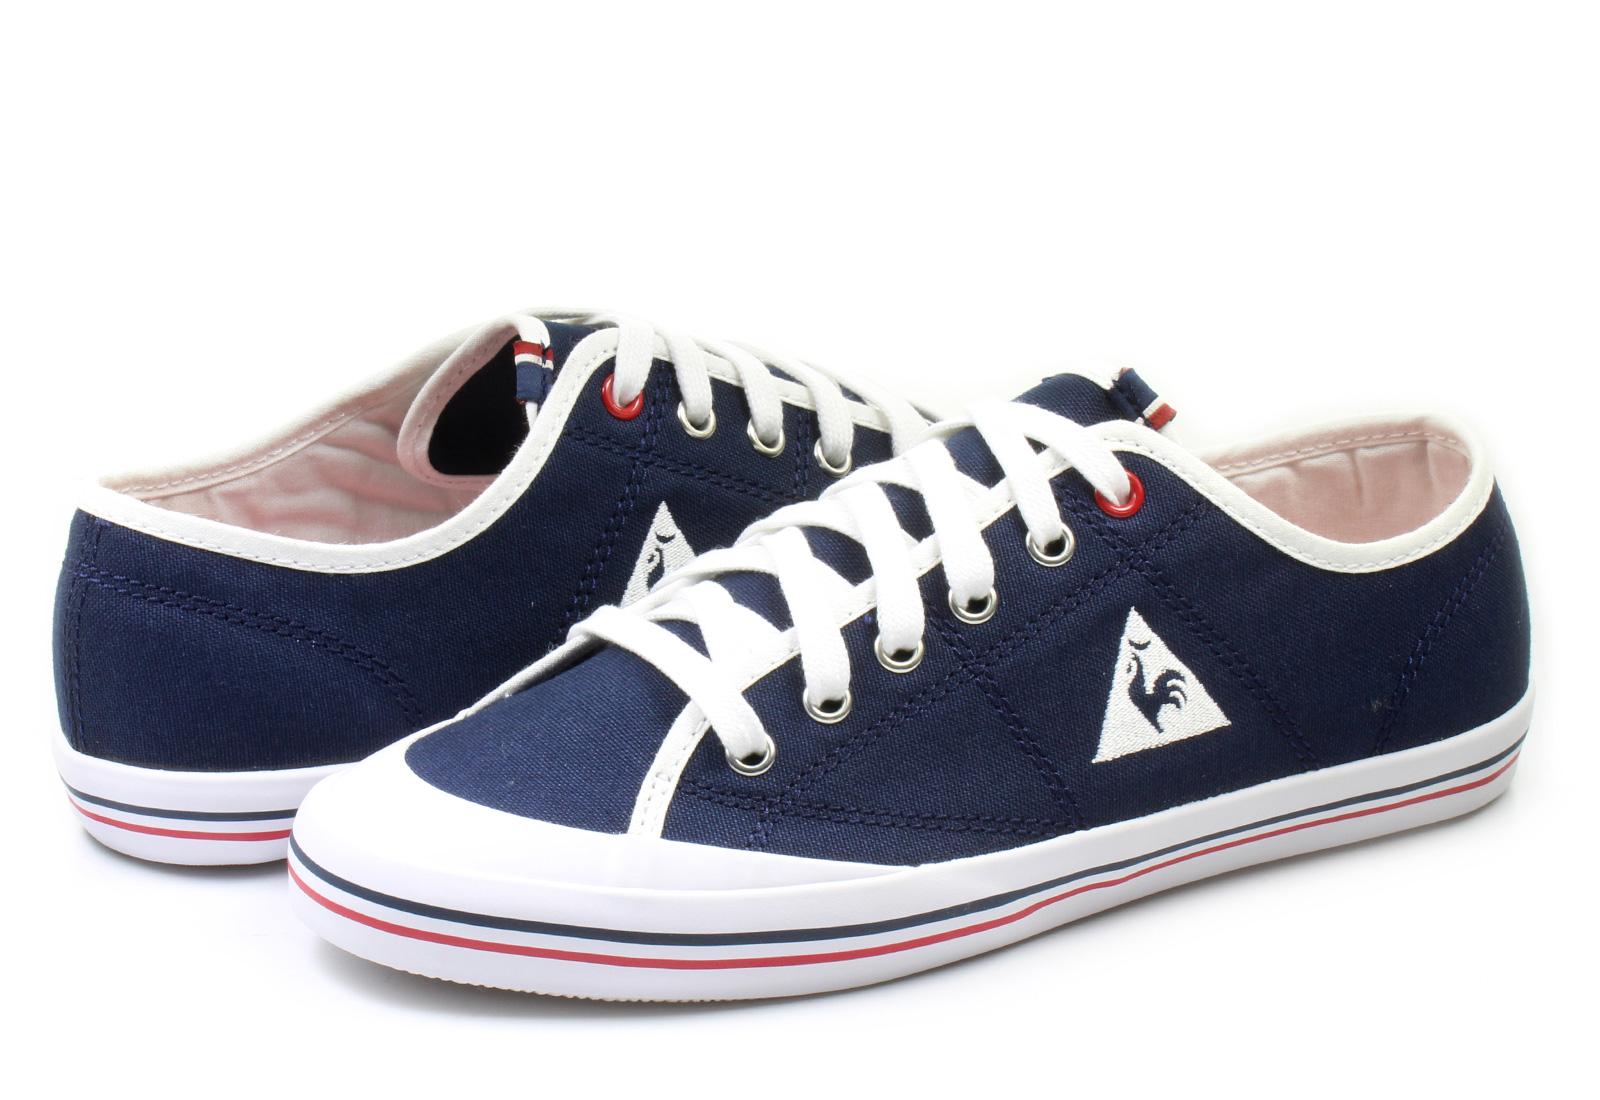 Basketball Shoes Shop Online France